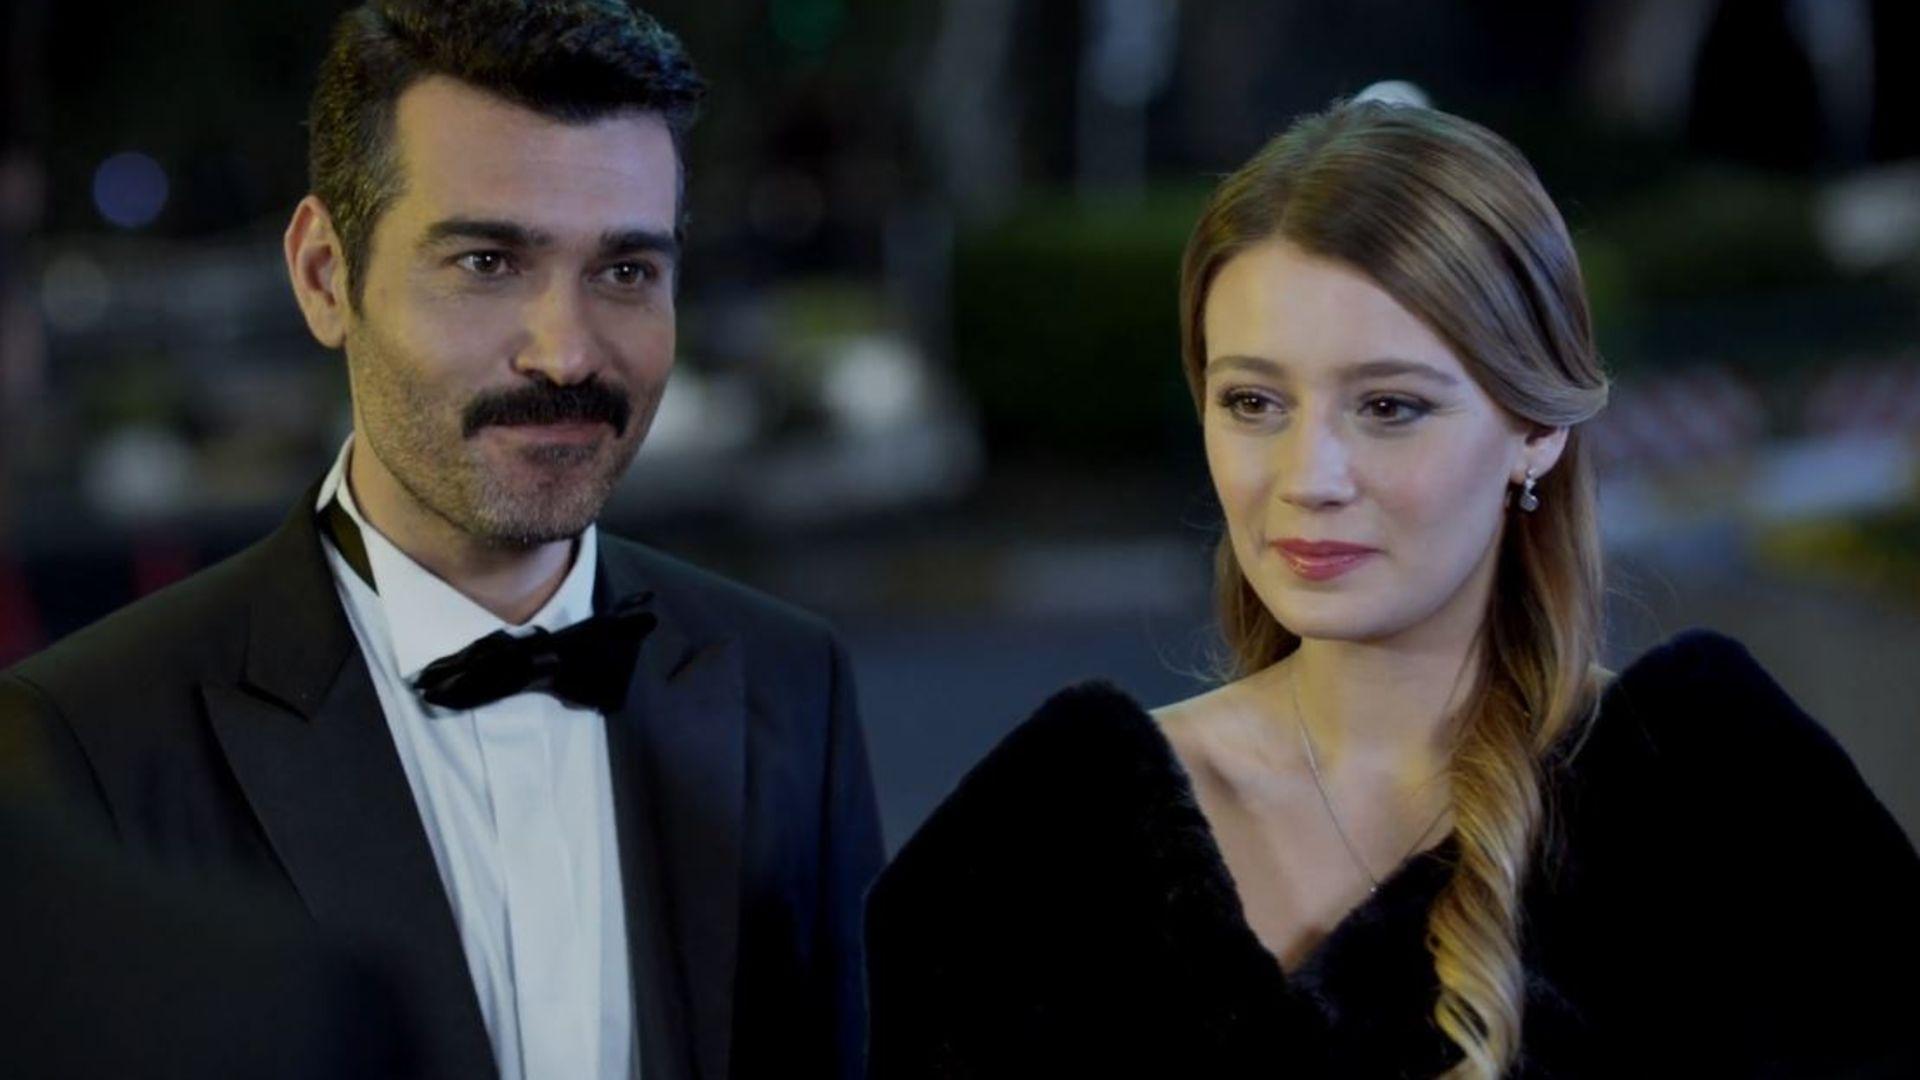 İstanbul Sokakları'nın ilk bölümünü kaçıranlar 23.30'da ekran başına